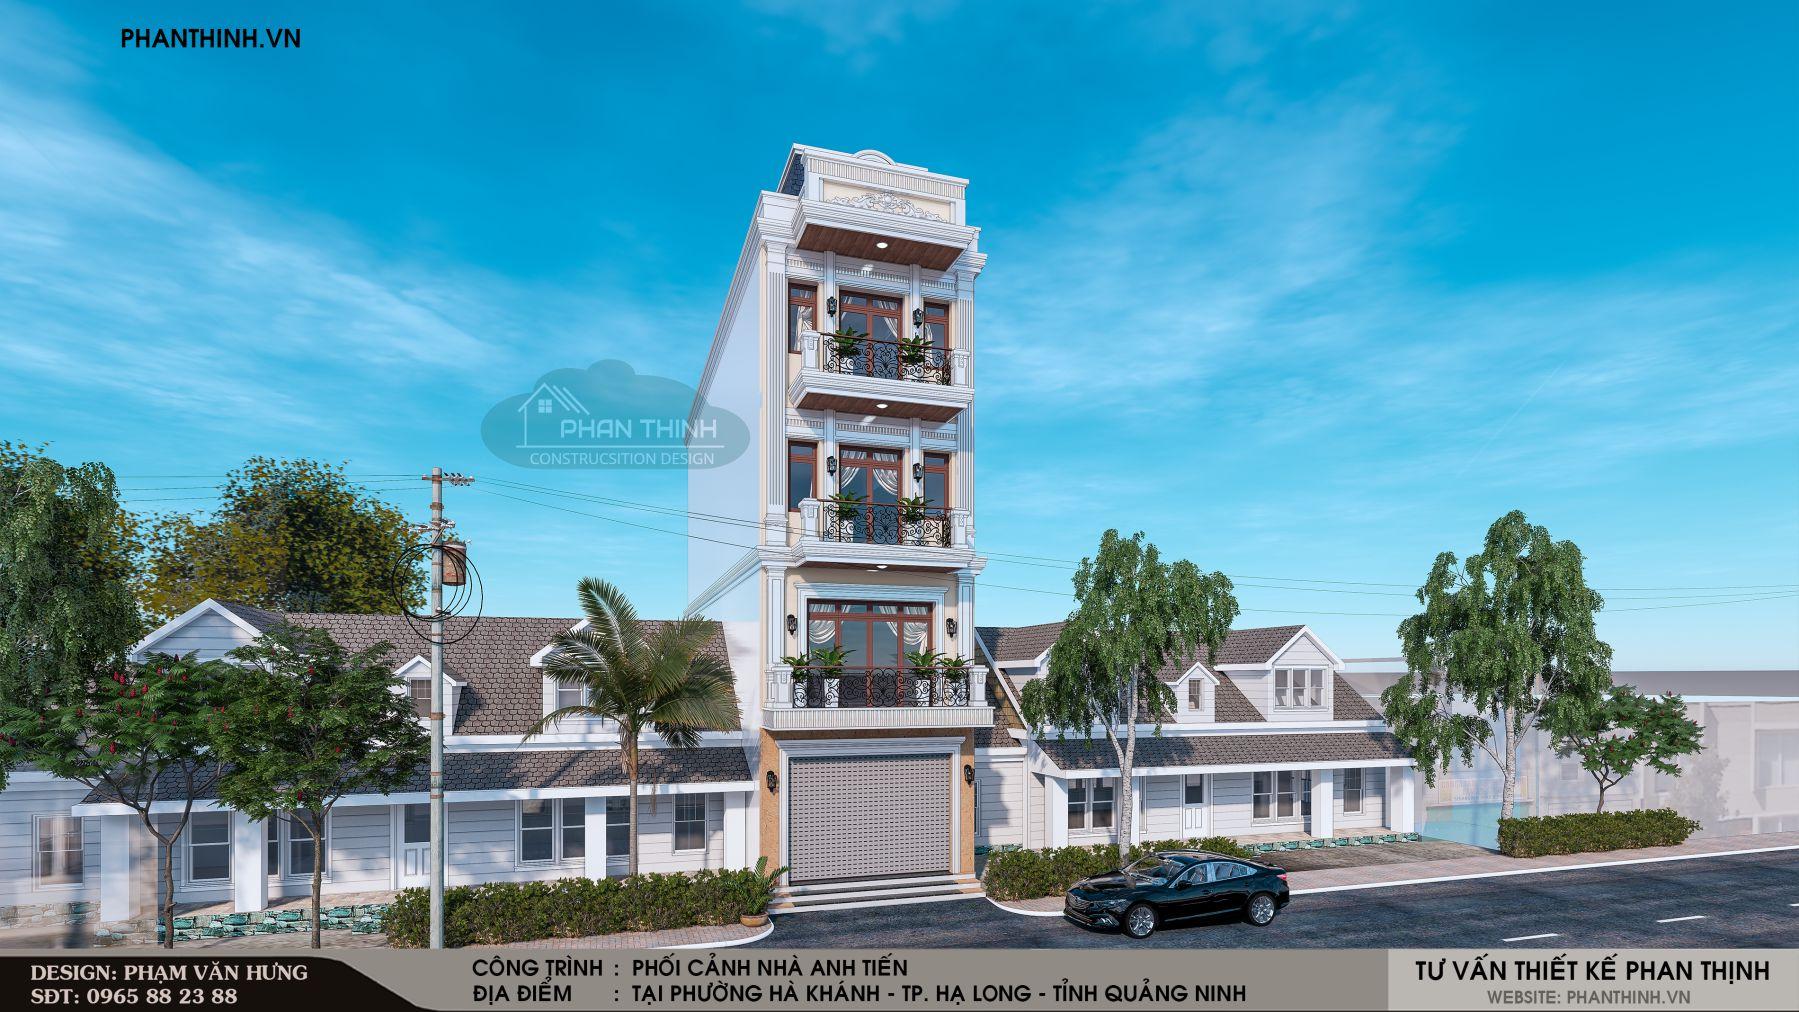 Thiết kế xây dựng phối cảnh mặt tiền nhà 4 tầng